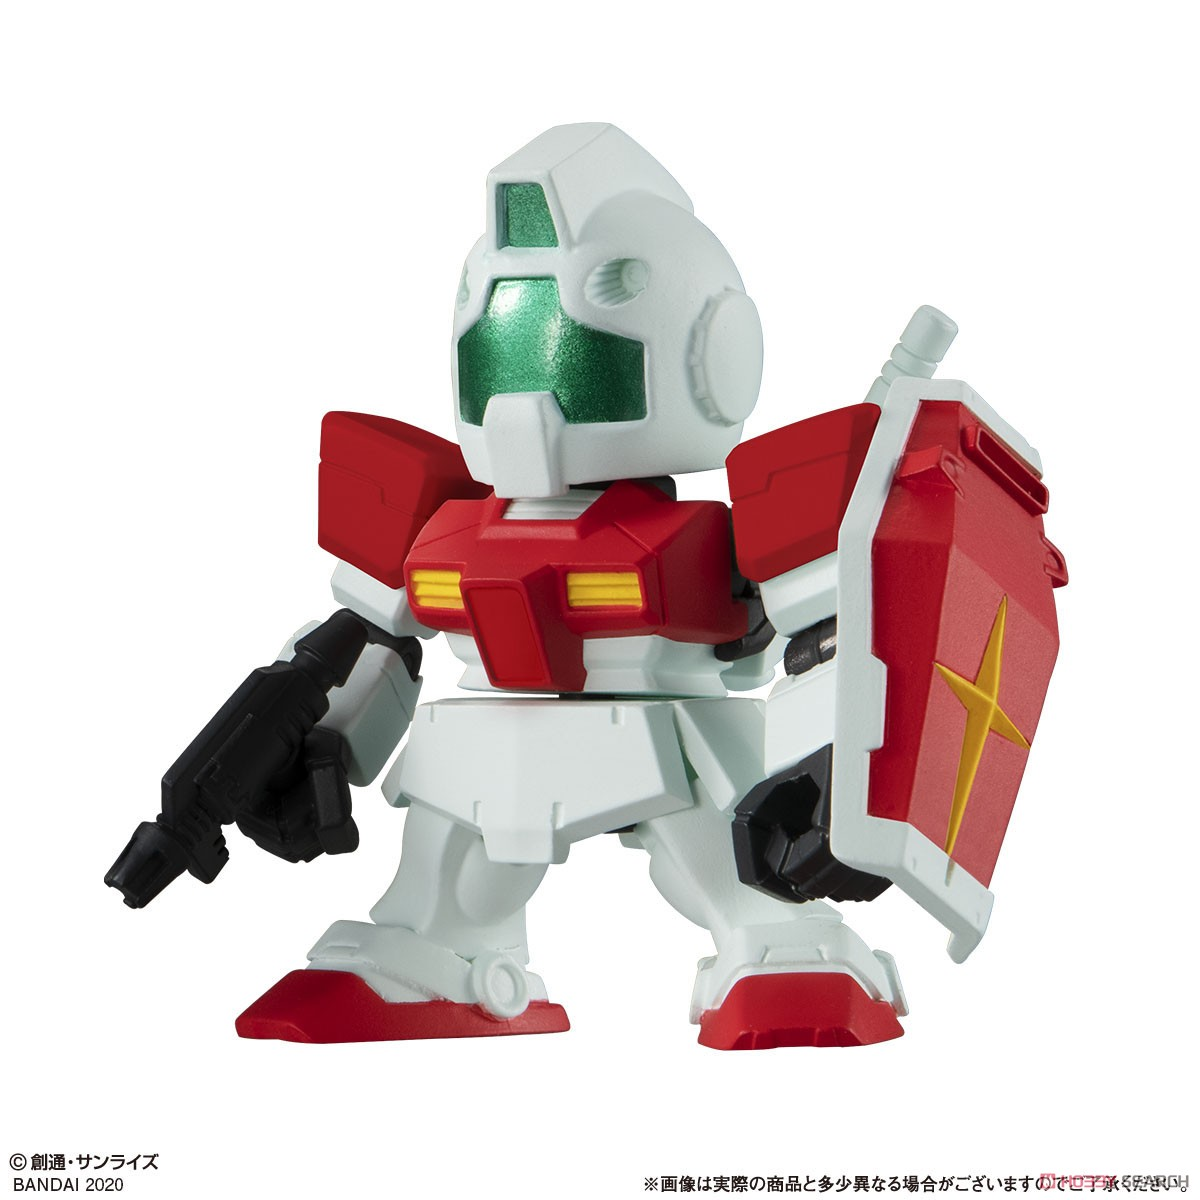 機動戦士ガンダム『ガシャポン戦士フォルテ11』12個入りBOX-003